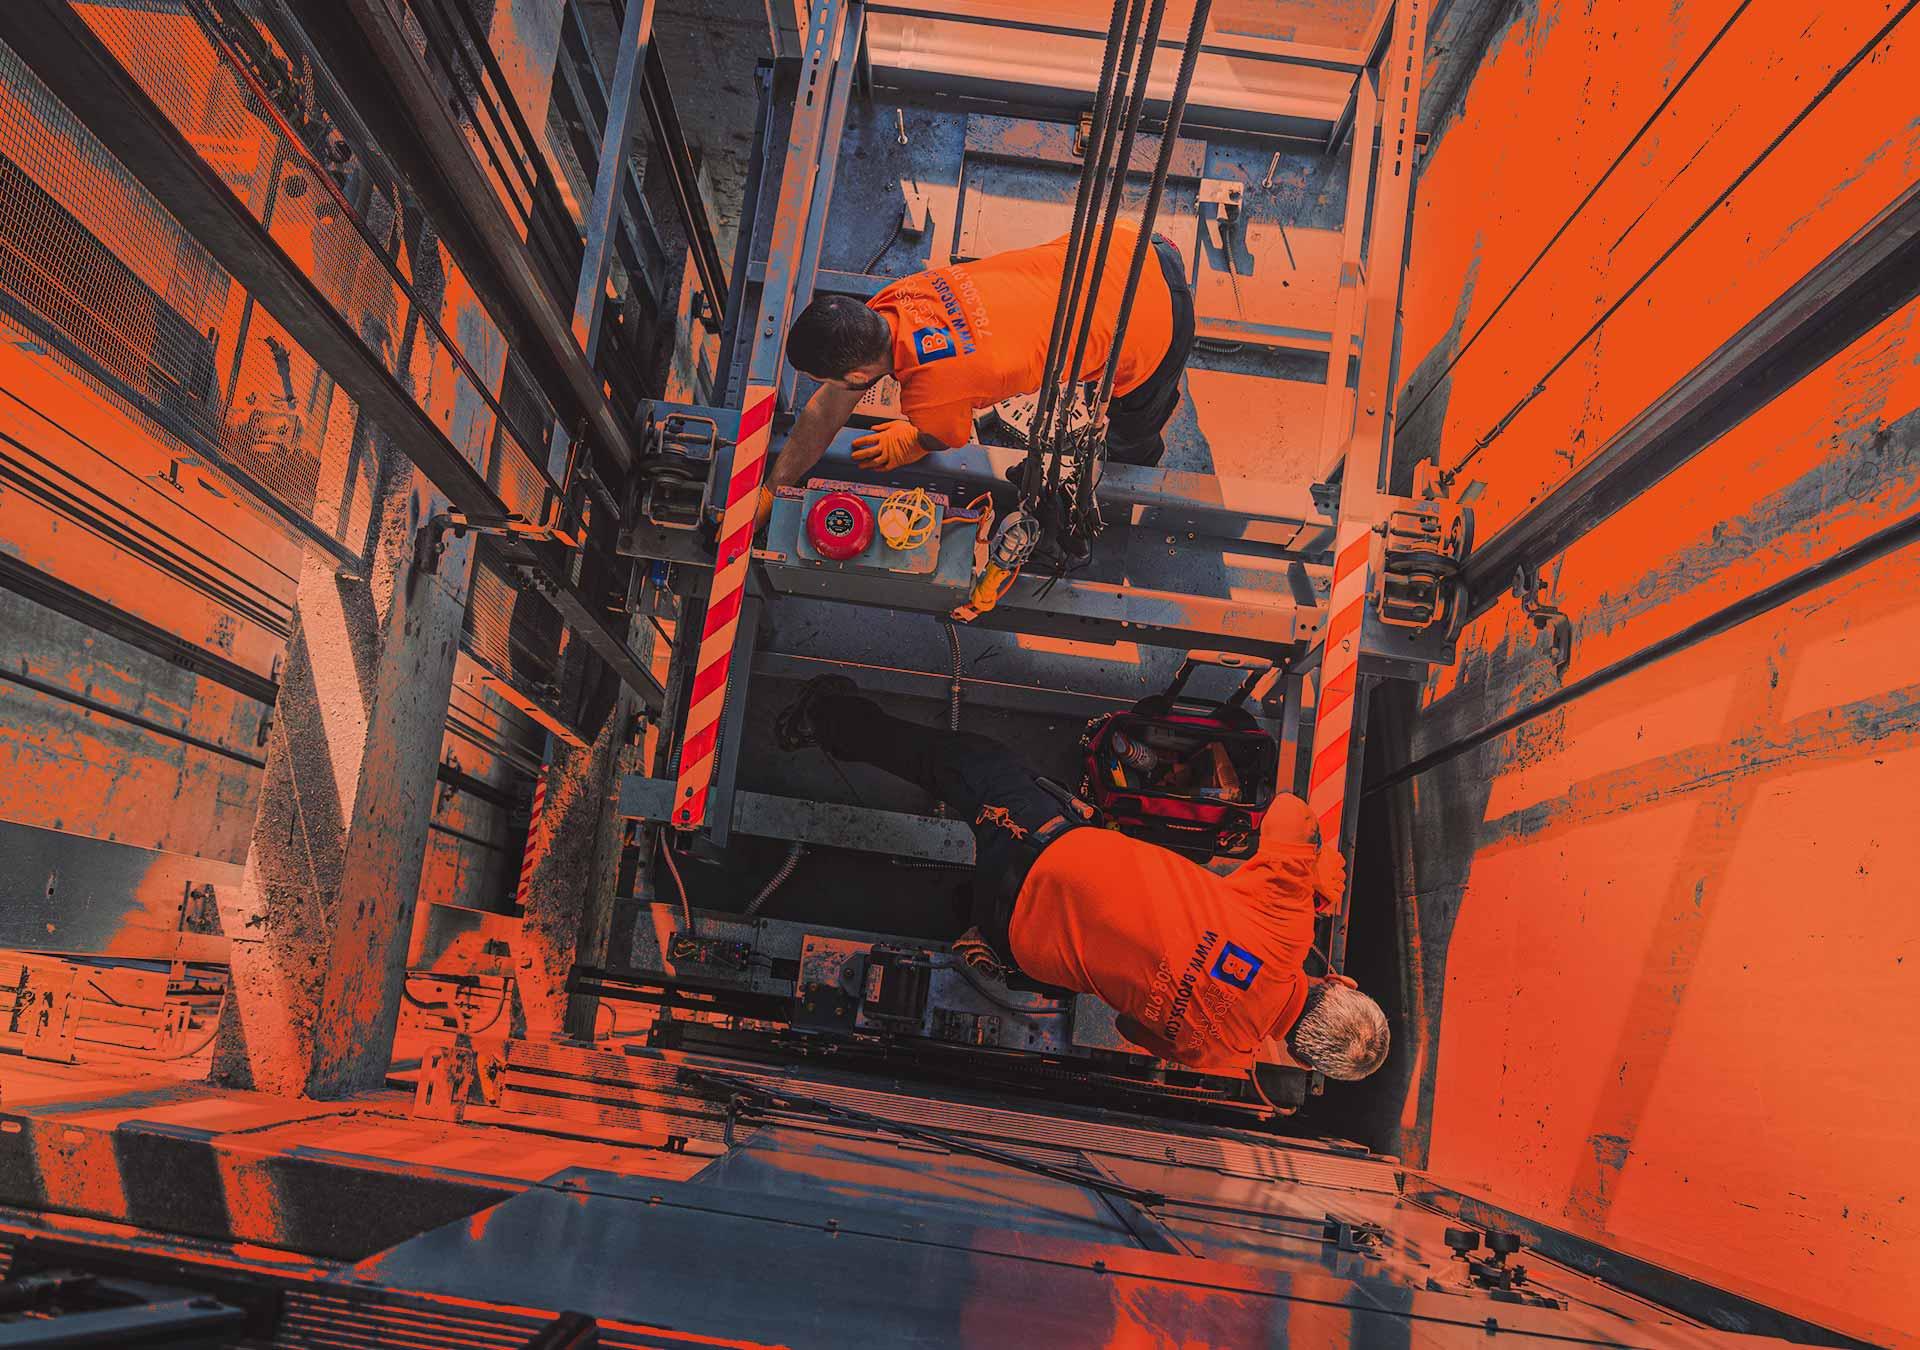 Brouss Elevators crew working on elevator Miami top view